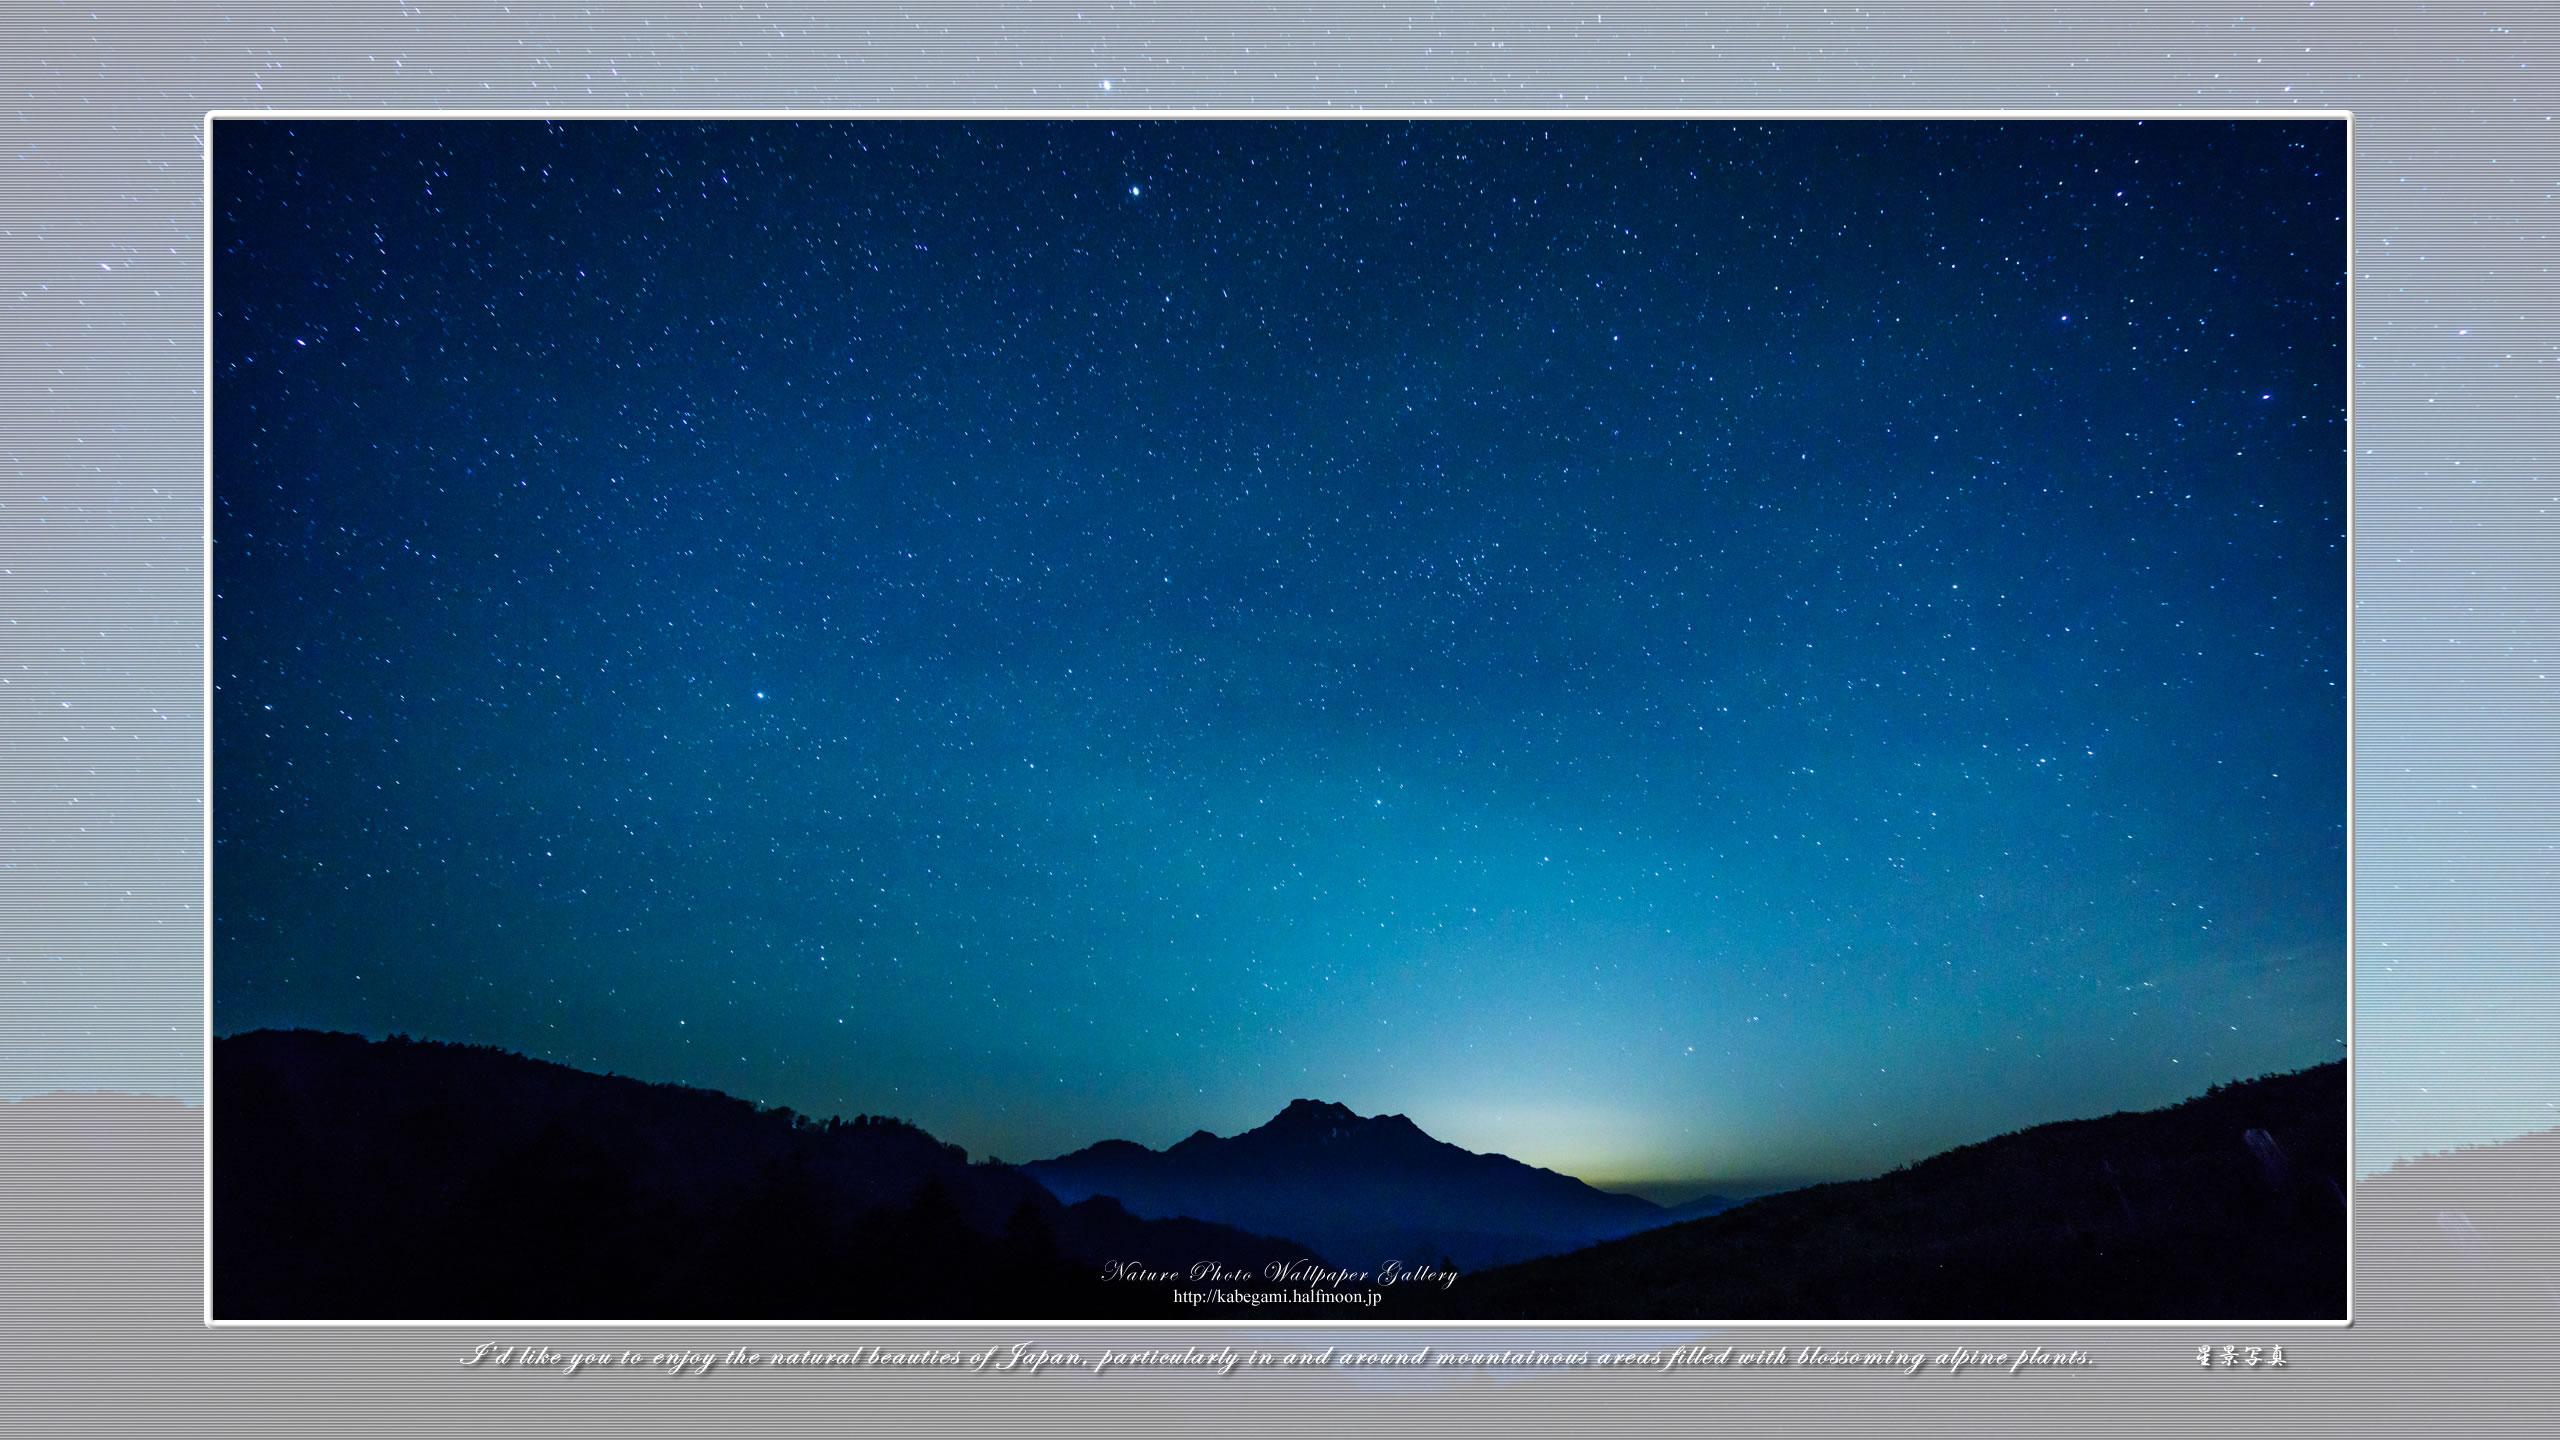 星景写真の高画質壁紙集 星瞬く石鎚山 1 ネイチャーフォト壁紙館